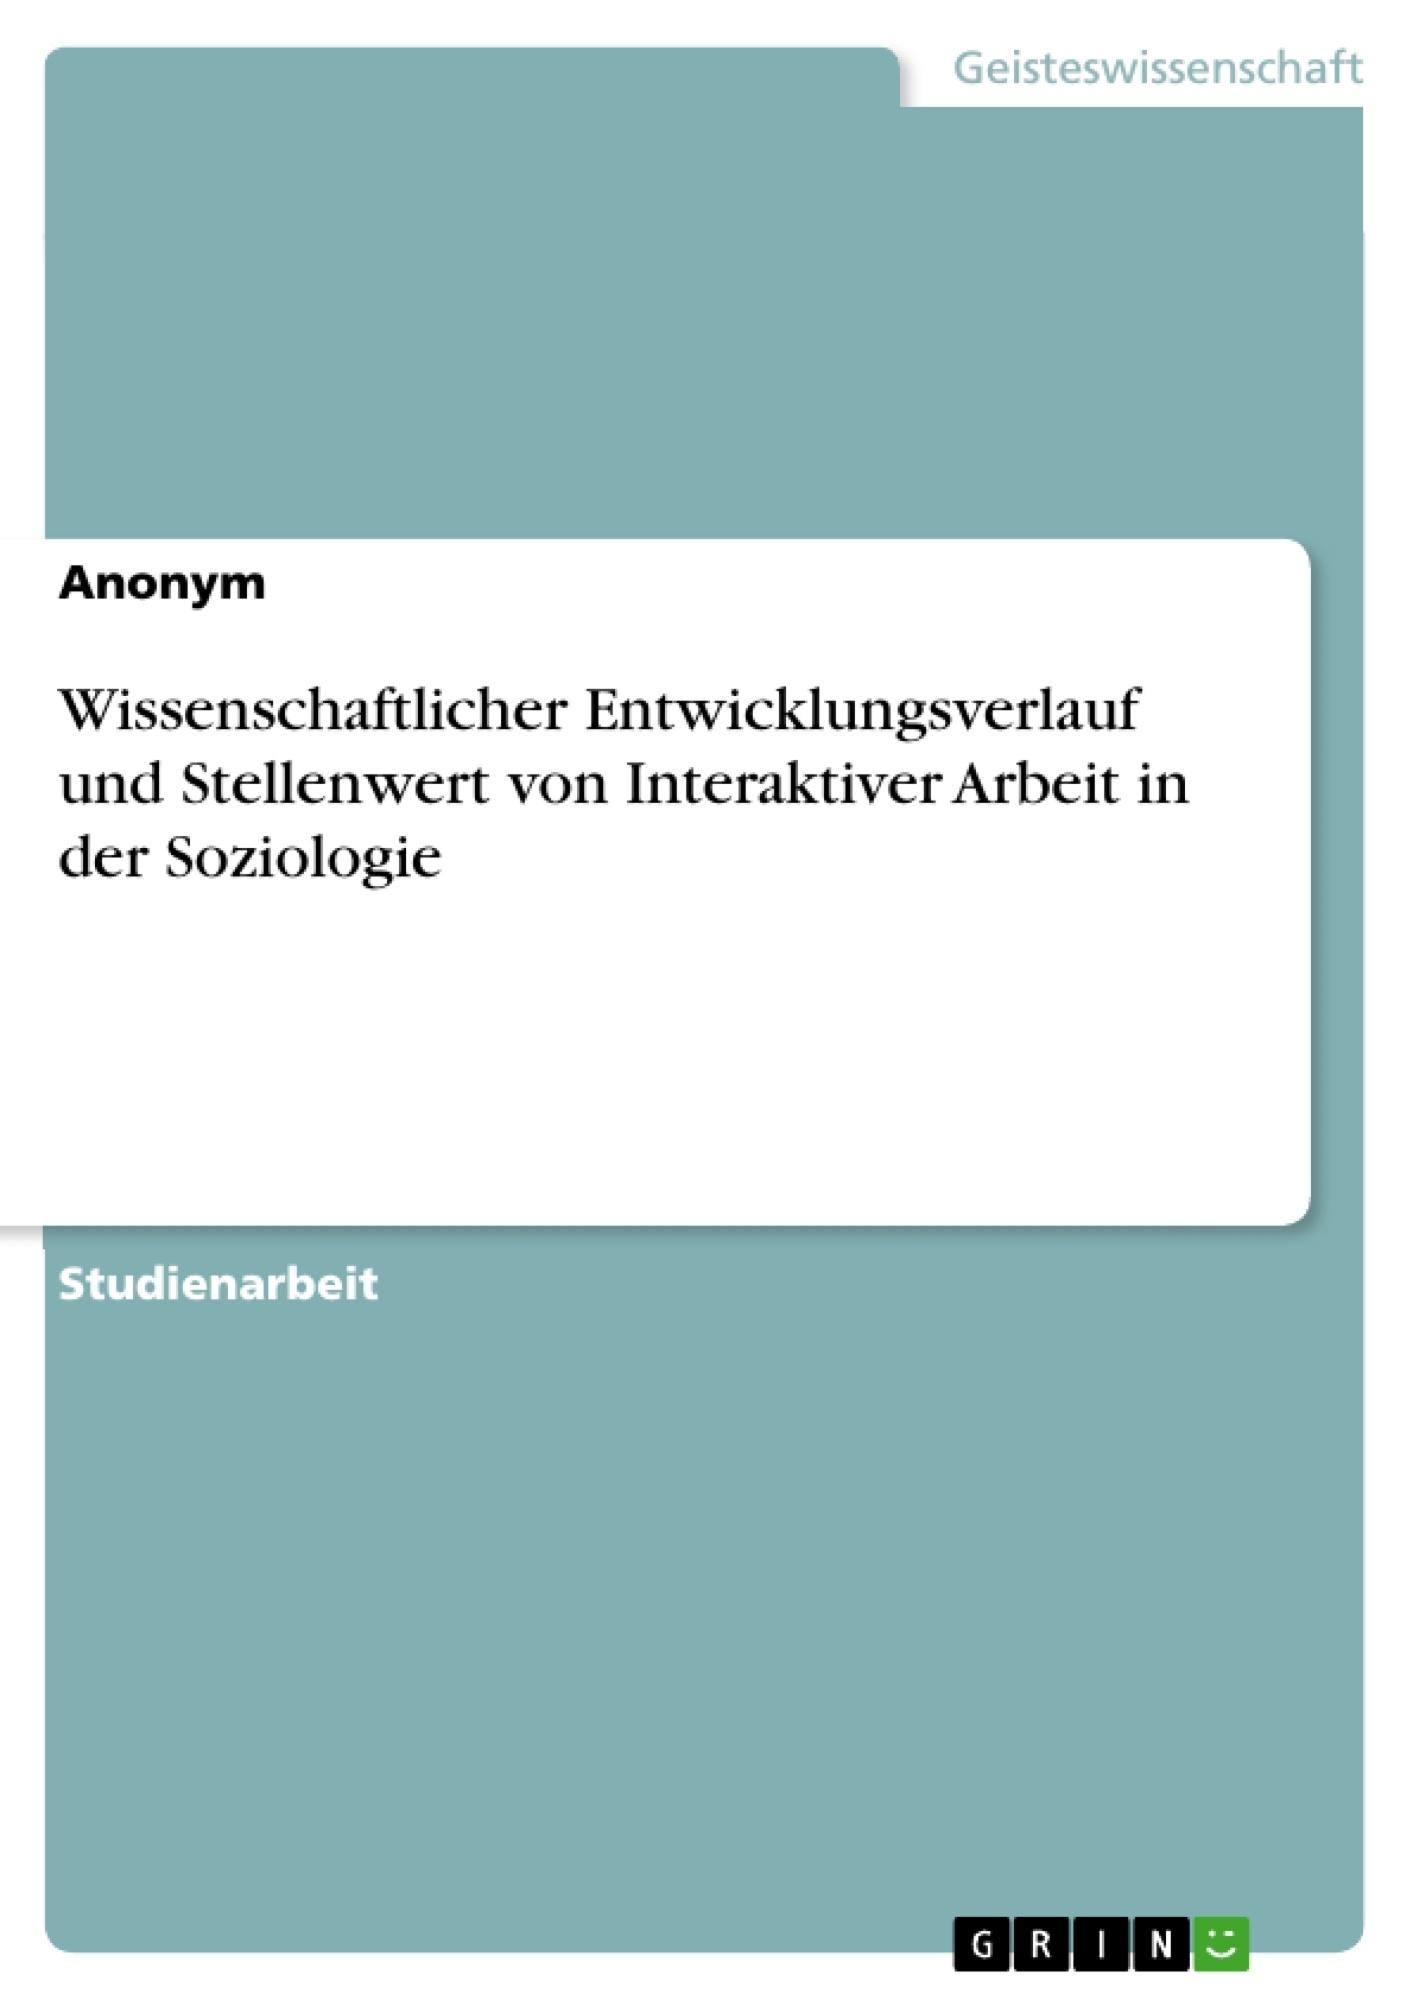 Titel: Wissenschaftlicher Entwicklungsverlauf und Stellenwert von Interaktiver Arbeit in der Soziologie